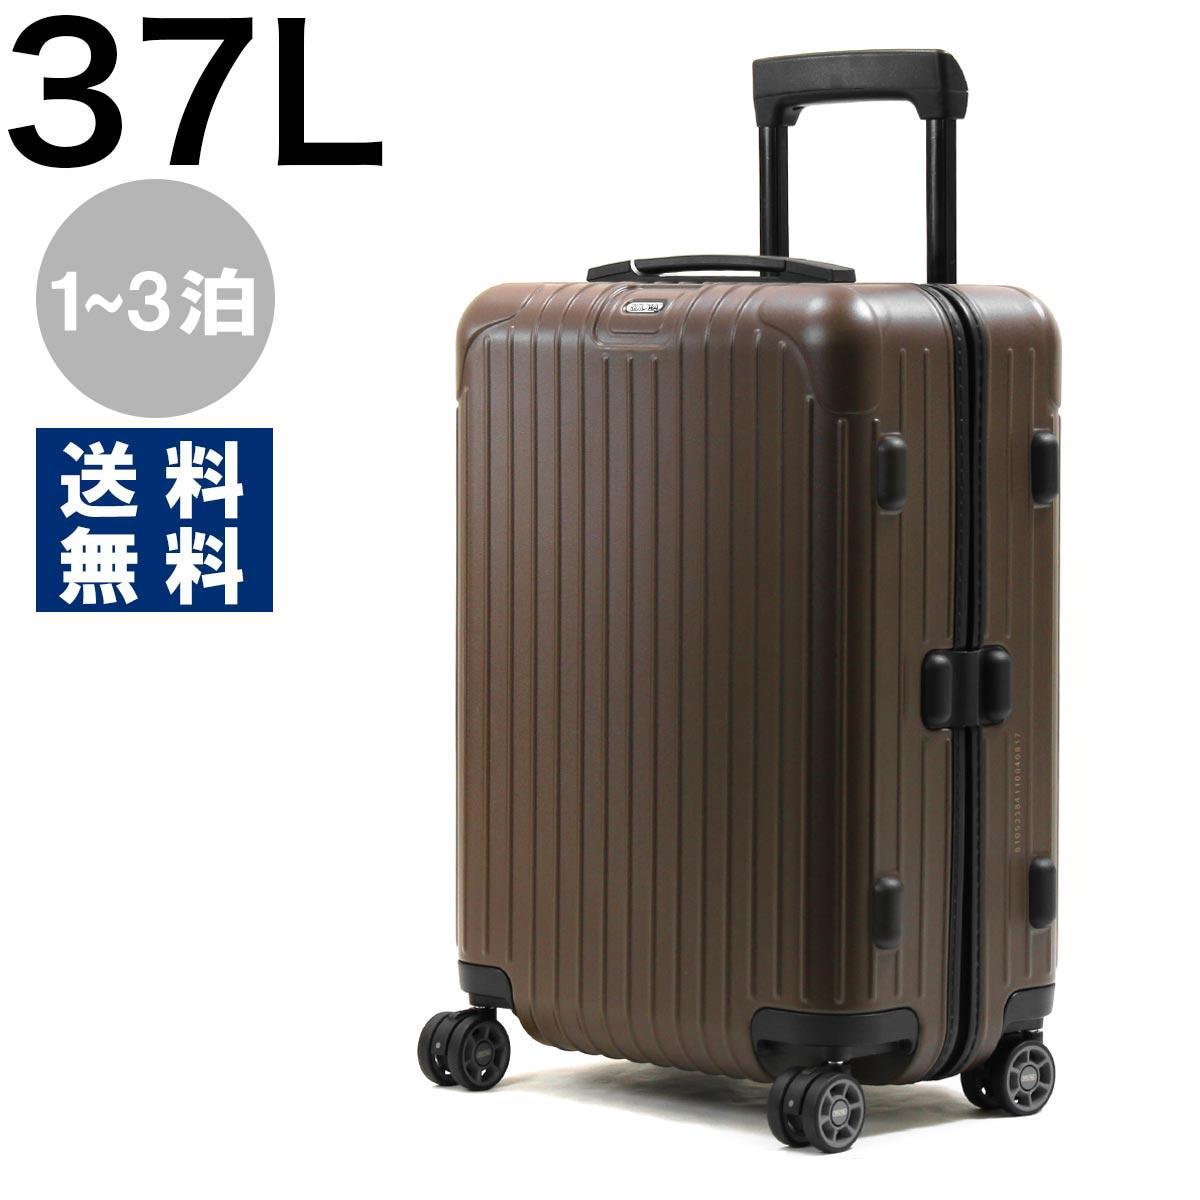 リモワ スーツケース/旅行用バッグ バッグ メンズ レディース サルサ キャビン ELECTRONIC TAG 37L 1~3泊 ブロンズブラウンマット 810.53.38.4 RIMOWA